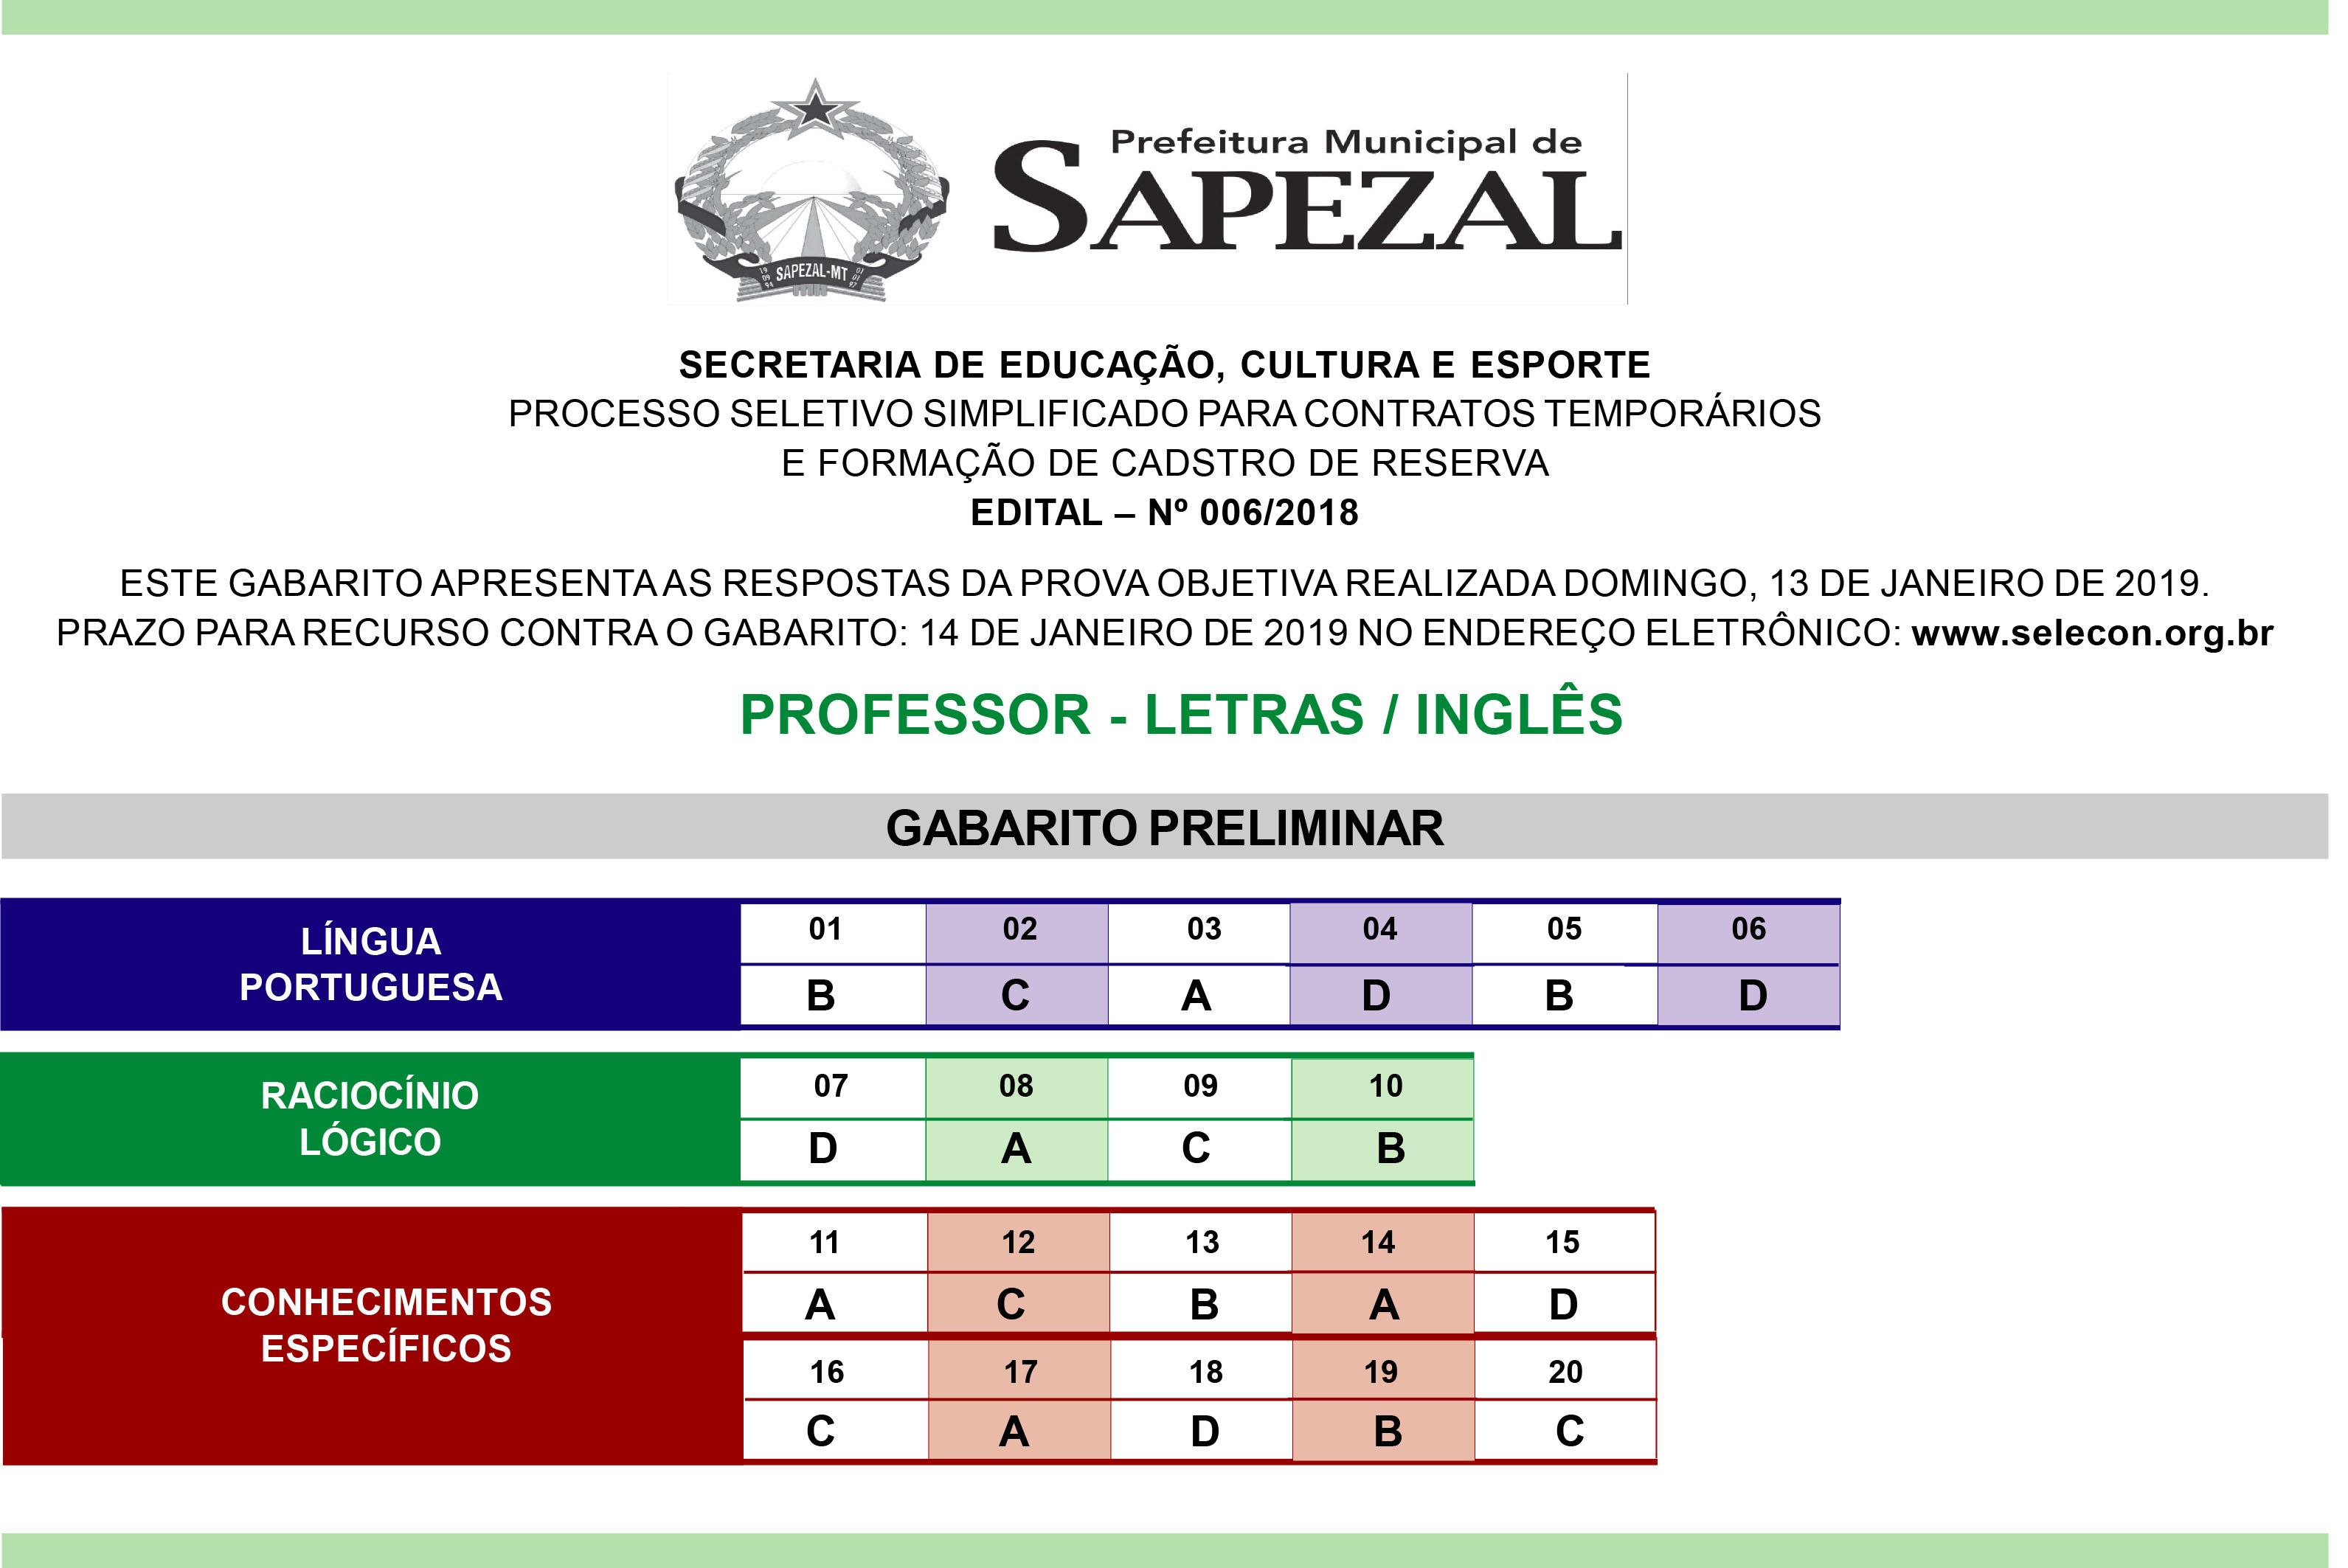 Gabarito_PROFESSOR_LETRAS_INGLÊS_SAPEZAL